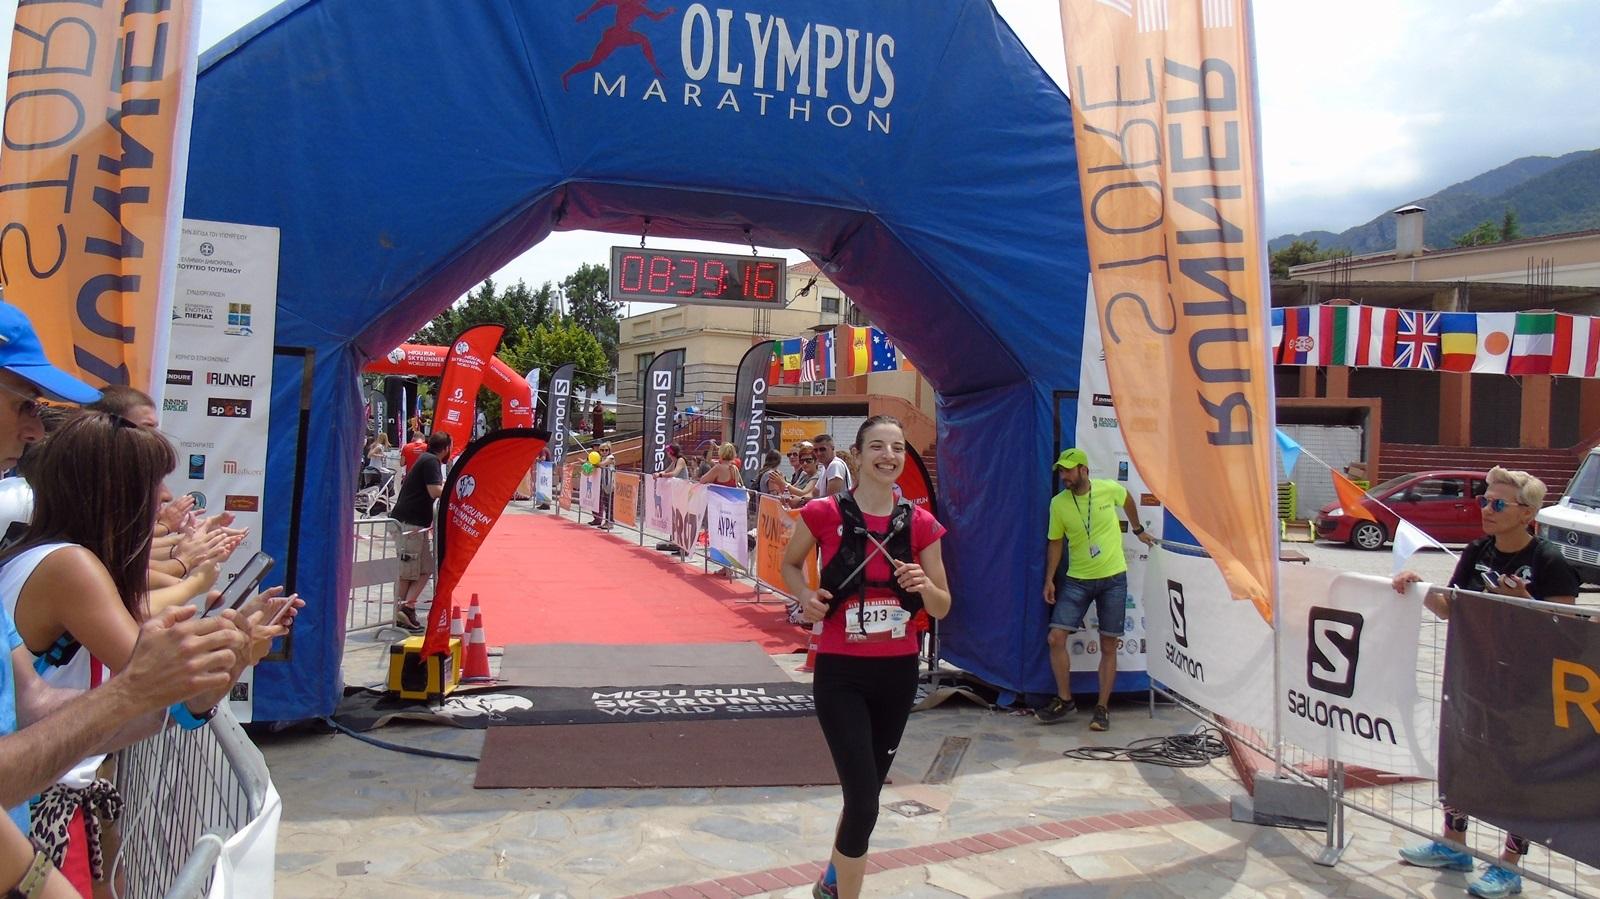 73_olympus_marathon